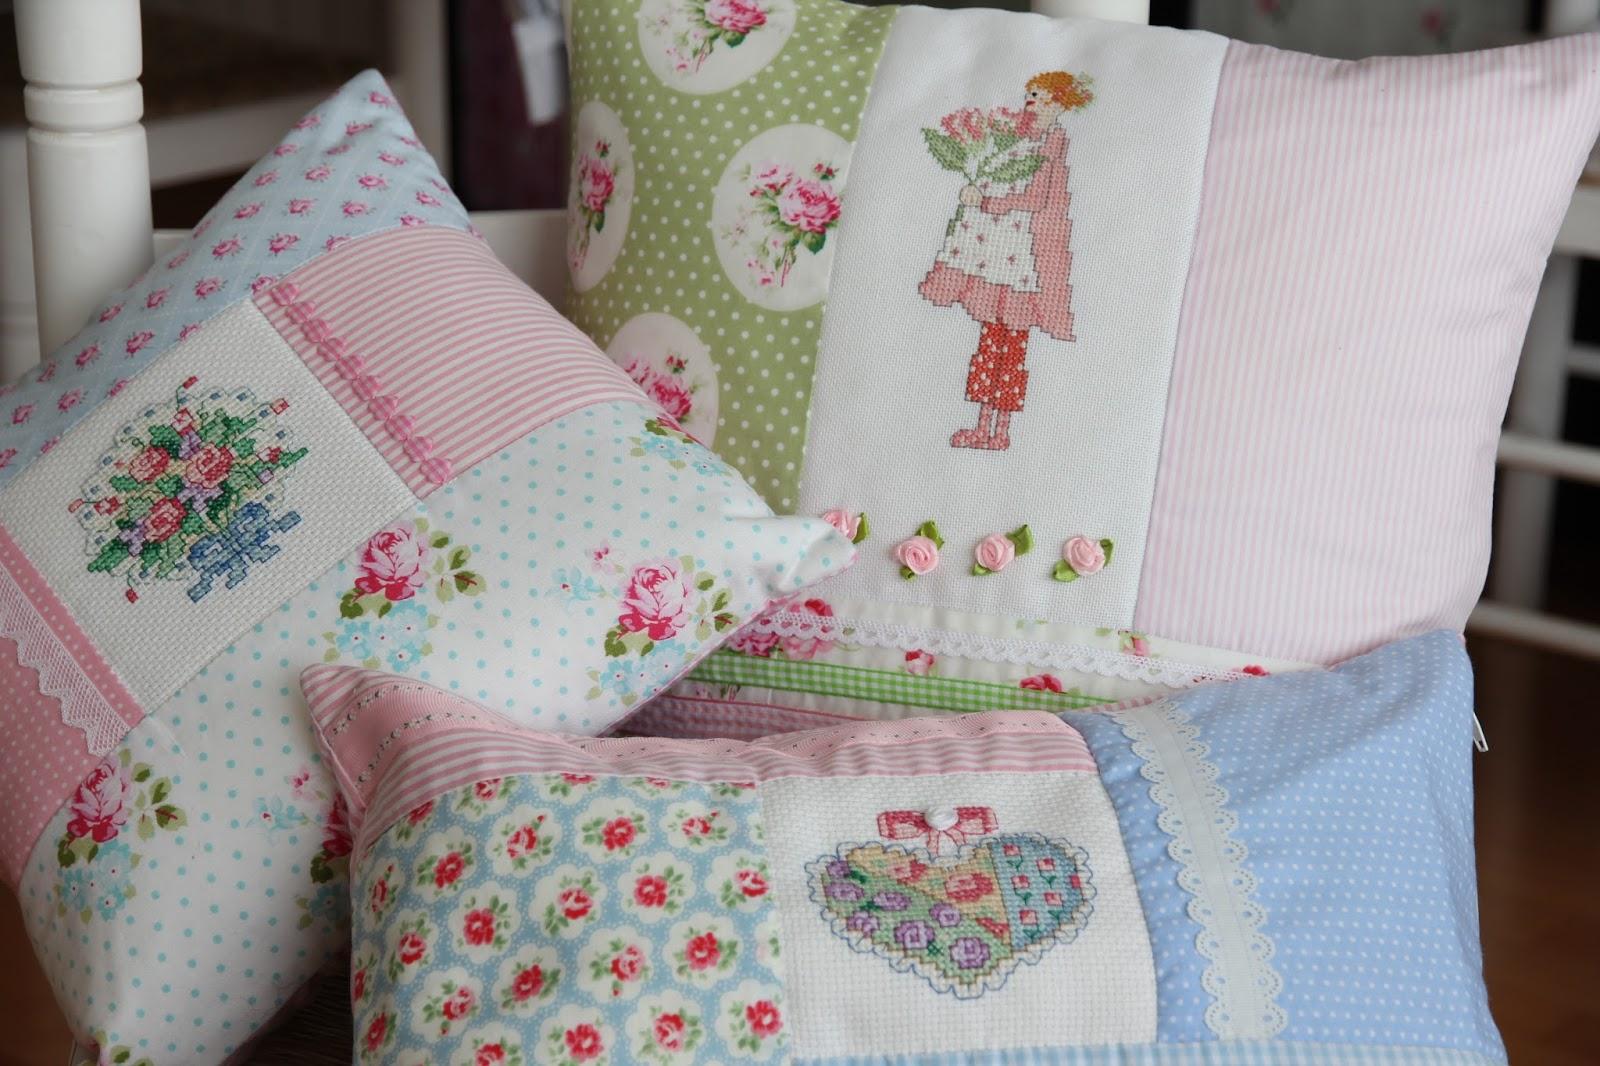 mi hogar de patchwork cojines de patchwork rom nticos